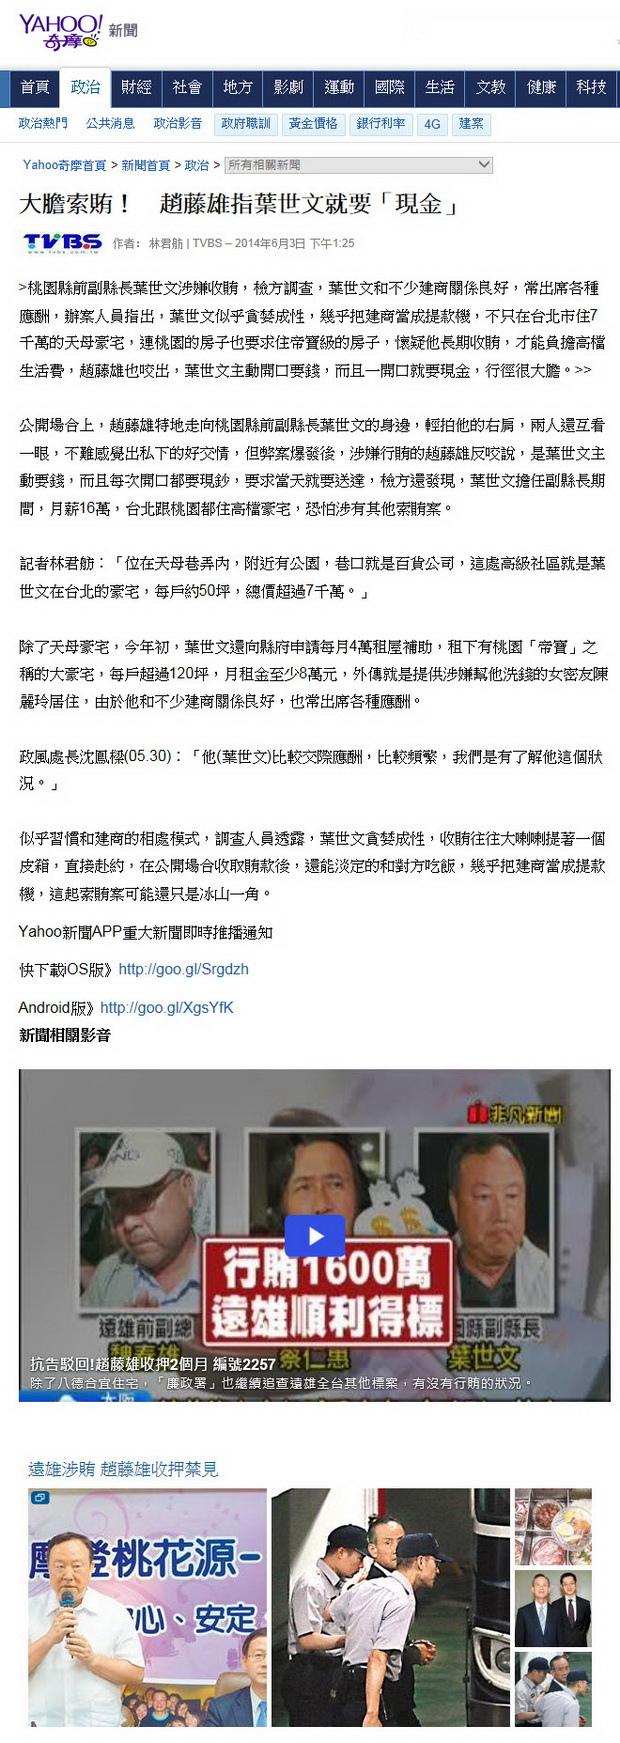 大膽索賄! 趙藤雄指葉世文就要「現金」-2014.06.03.jpg